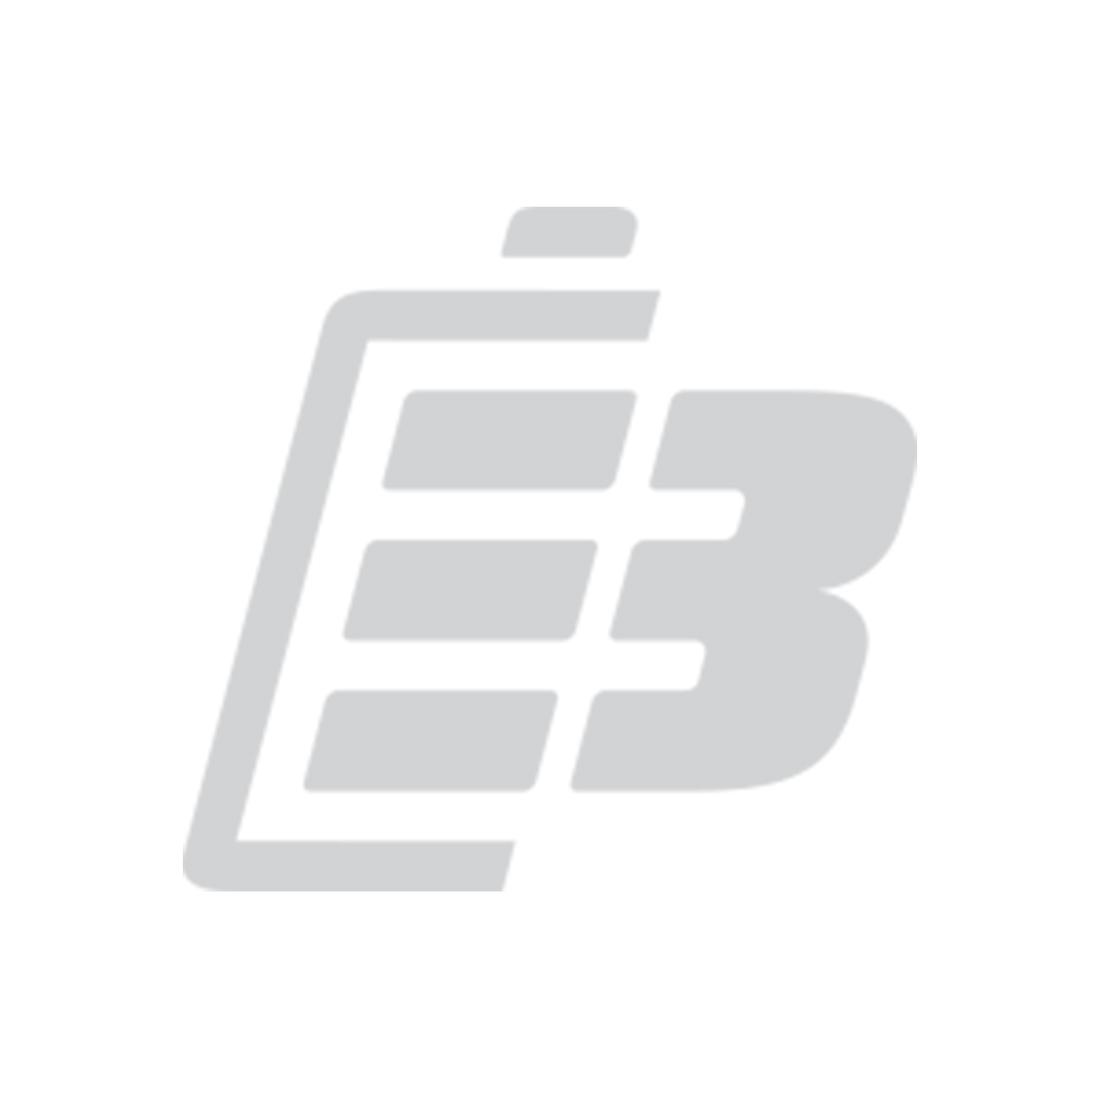 Μπαταρία PDA Palm Tungsten C_1